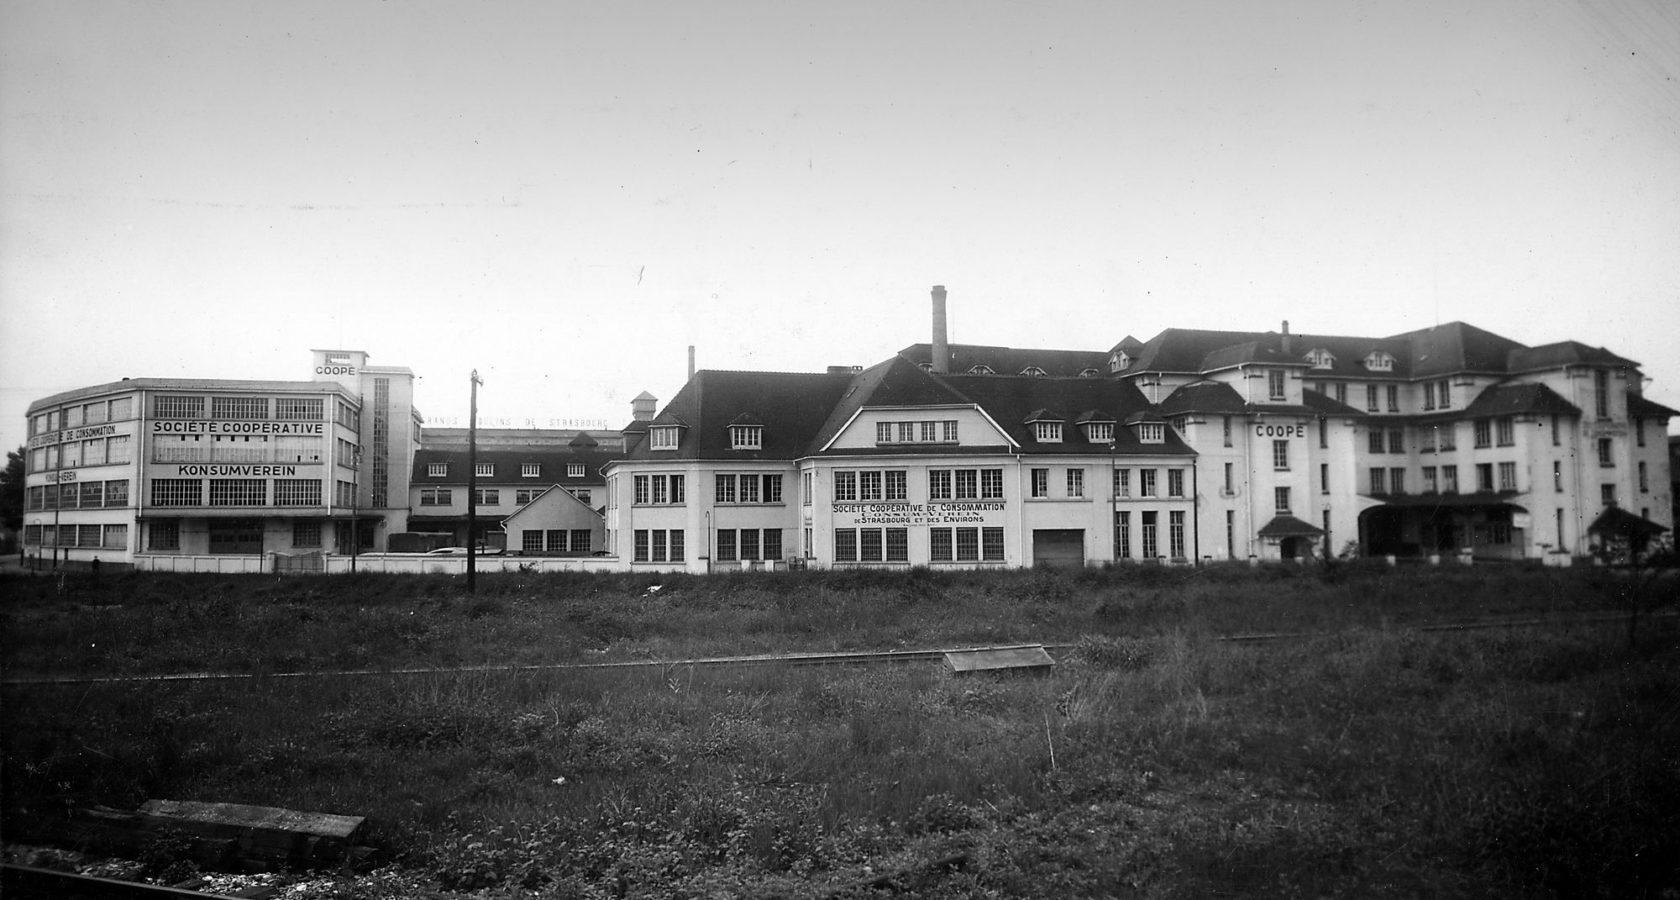 Image historique des bâtiments de la COOP.